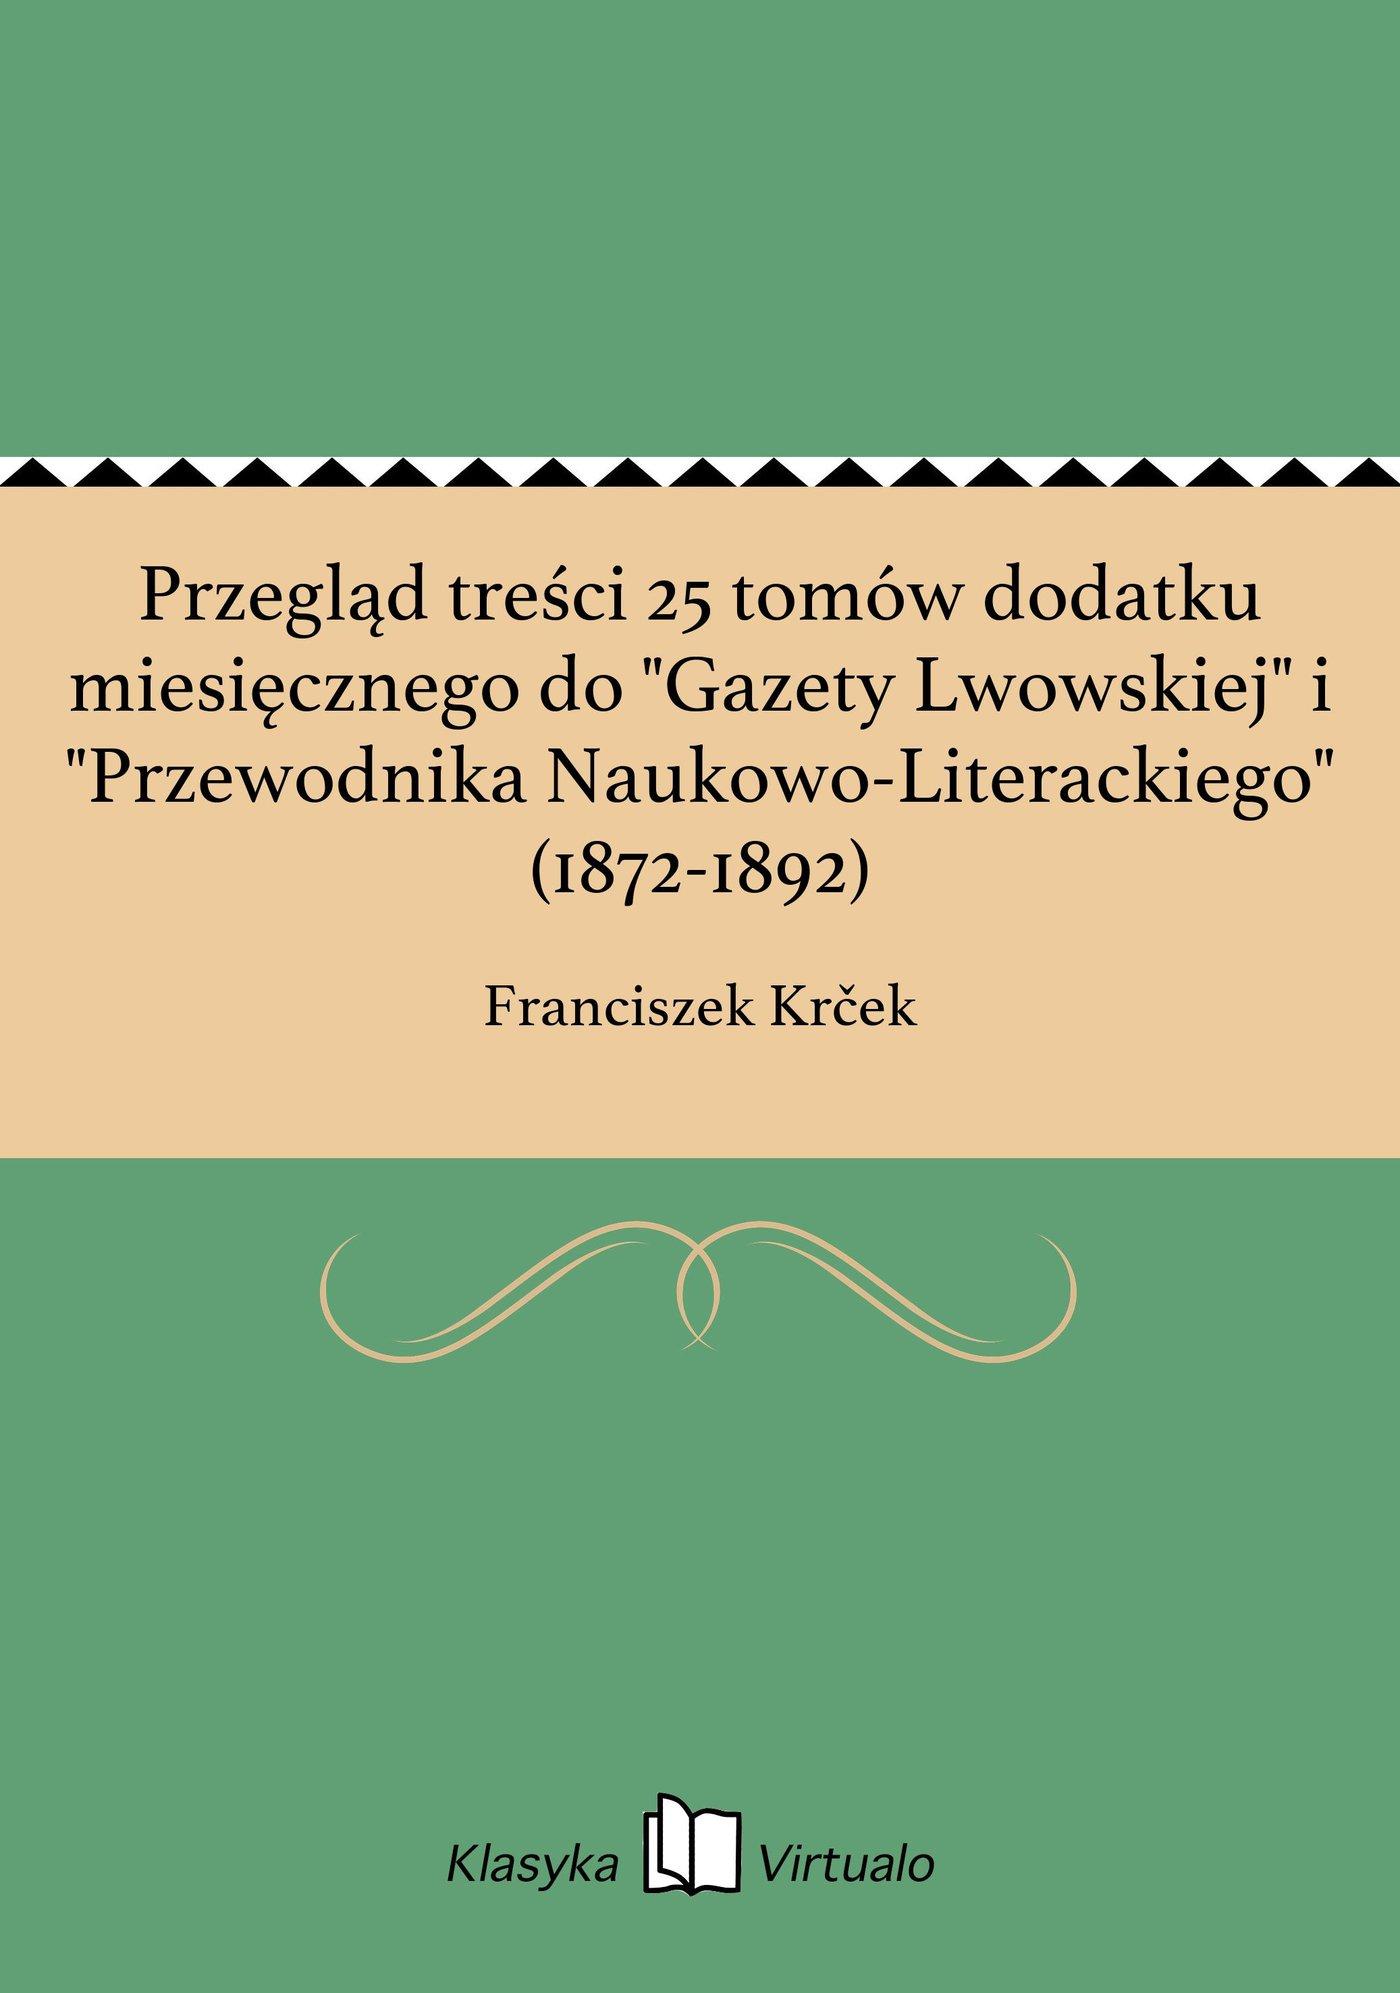 """Przegląd treści 25 tomów dodatku miesięcznego do """"Gazety Lwowskiej"""" i """"Przewodnika Naukowo-Literackiego"""" (1872-1892) - Ebook (Książka EPUB) do pobrania w formacie EPUB"""